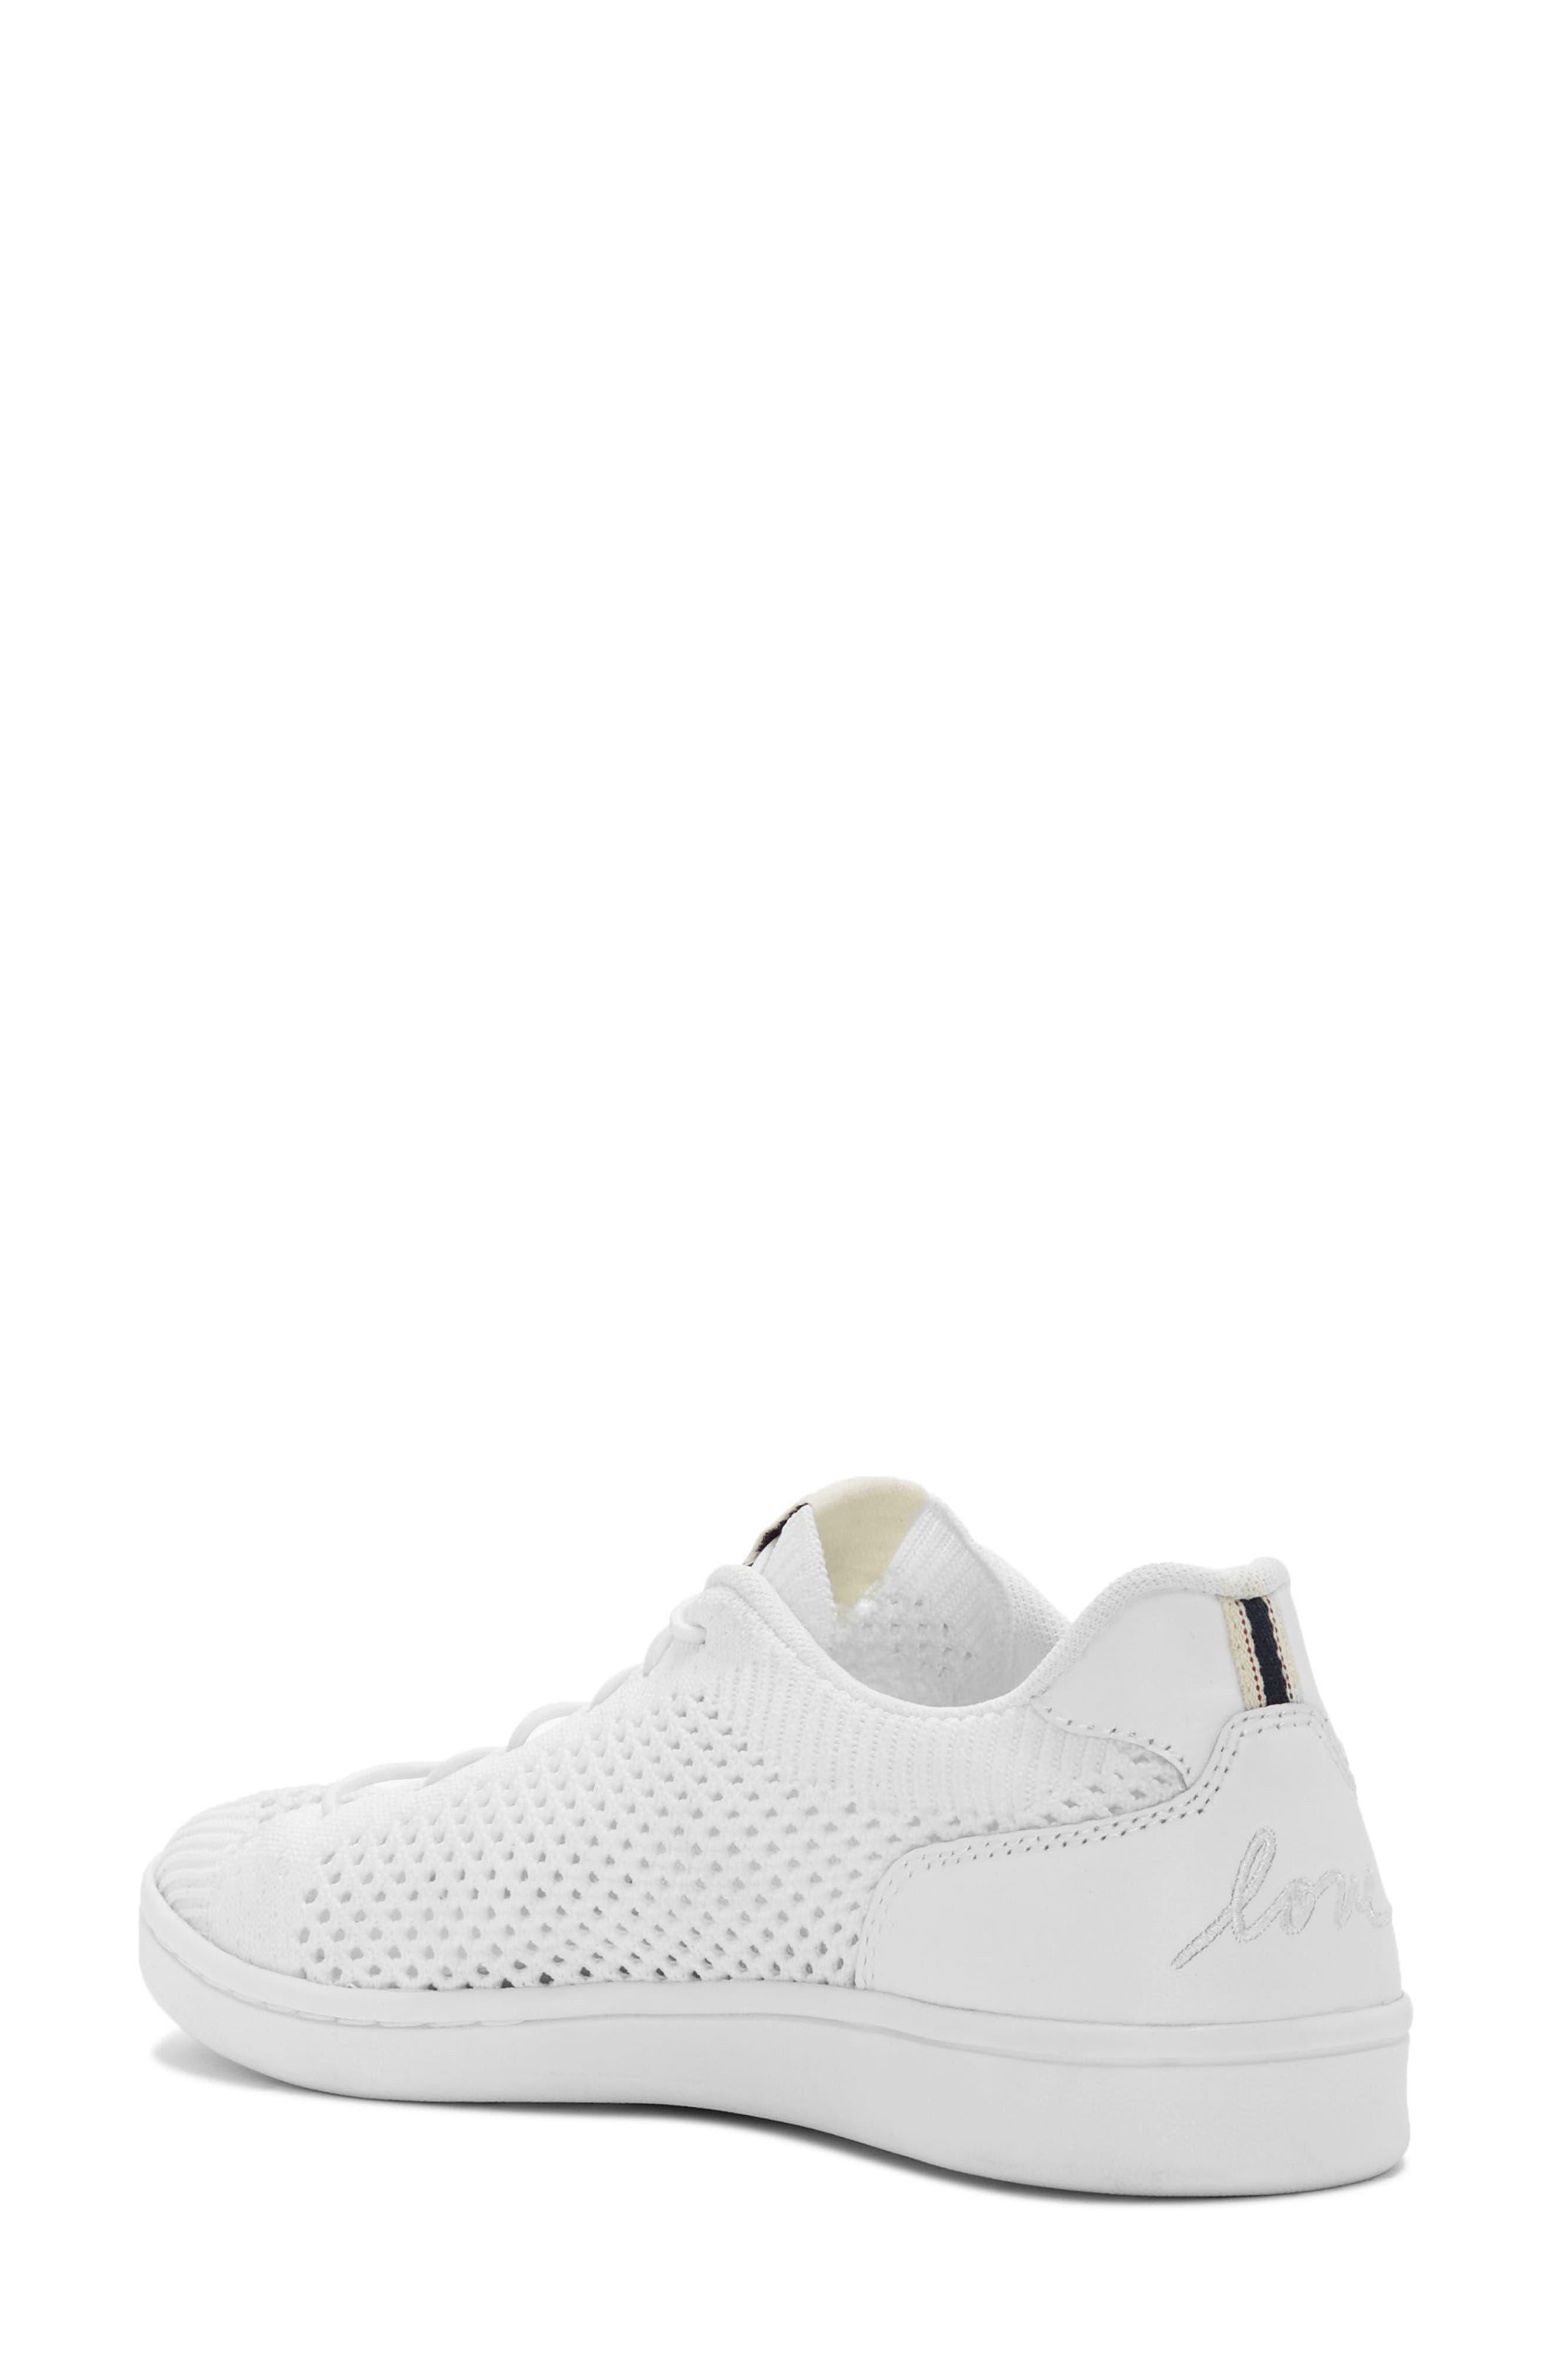 1da76440e938 Women s ED Ellen Degeneres Shoes